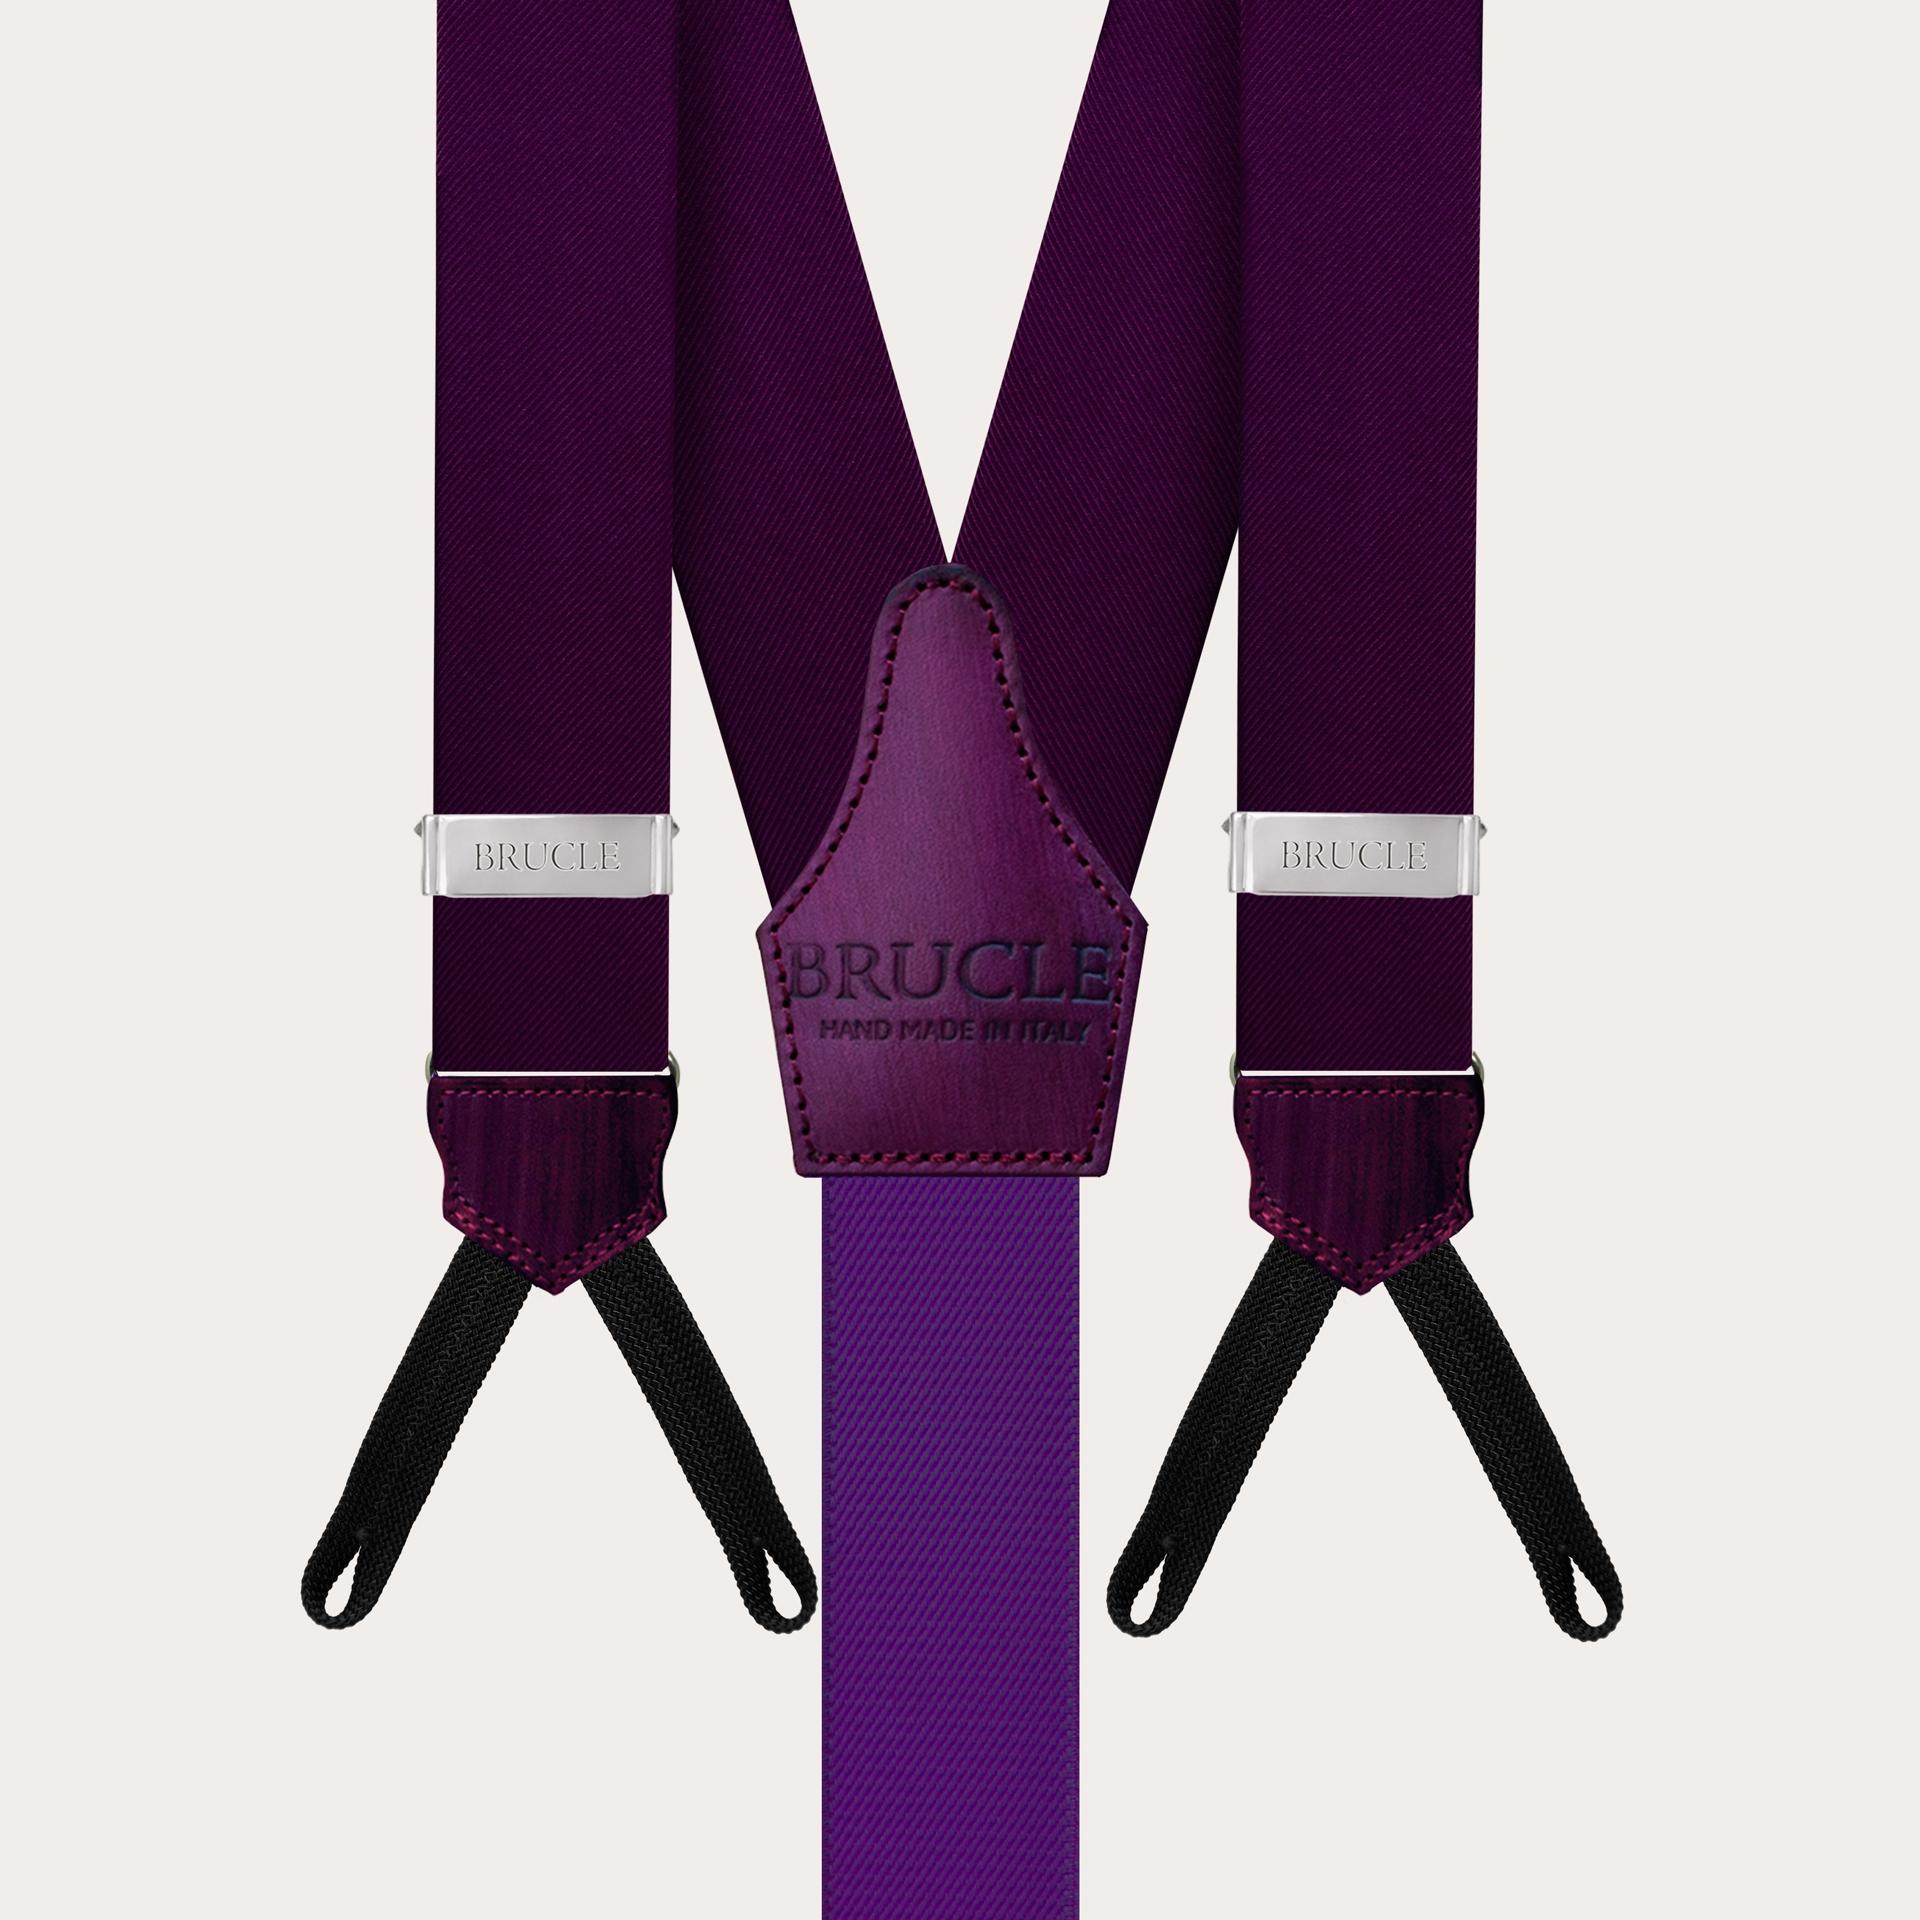 BRUCLE Formal Y-shape suspenders with braid runners, purple